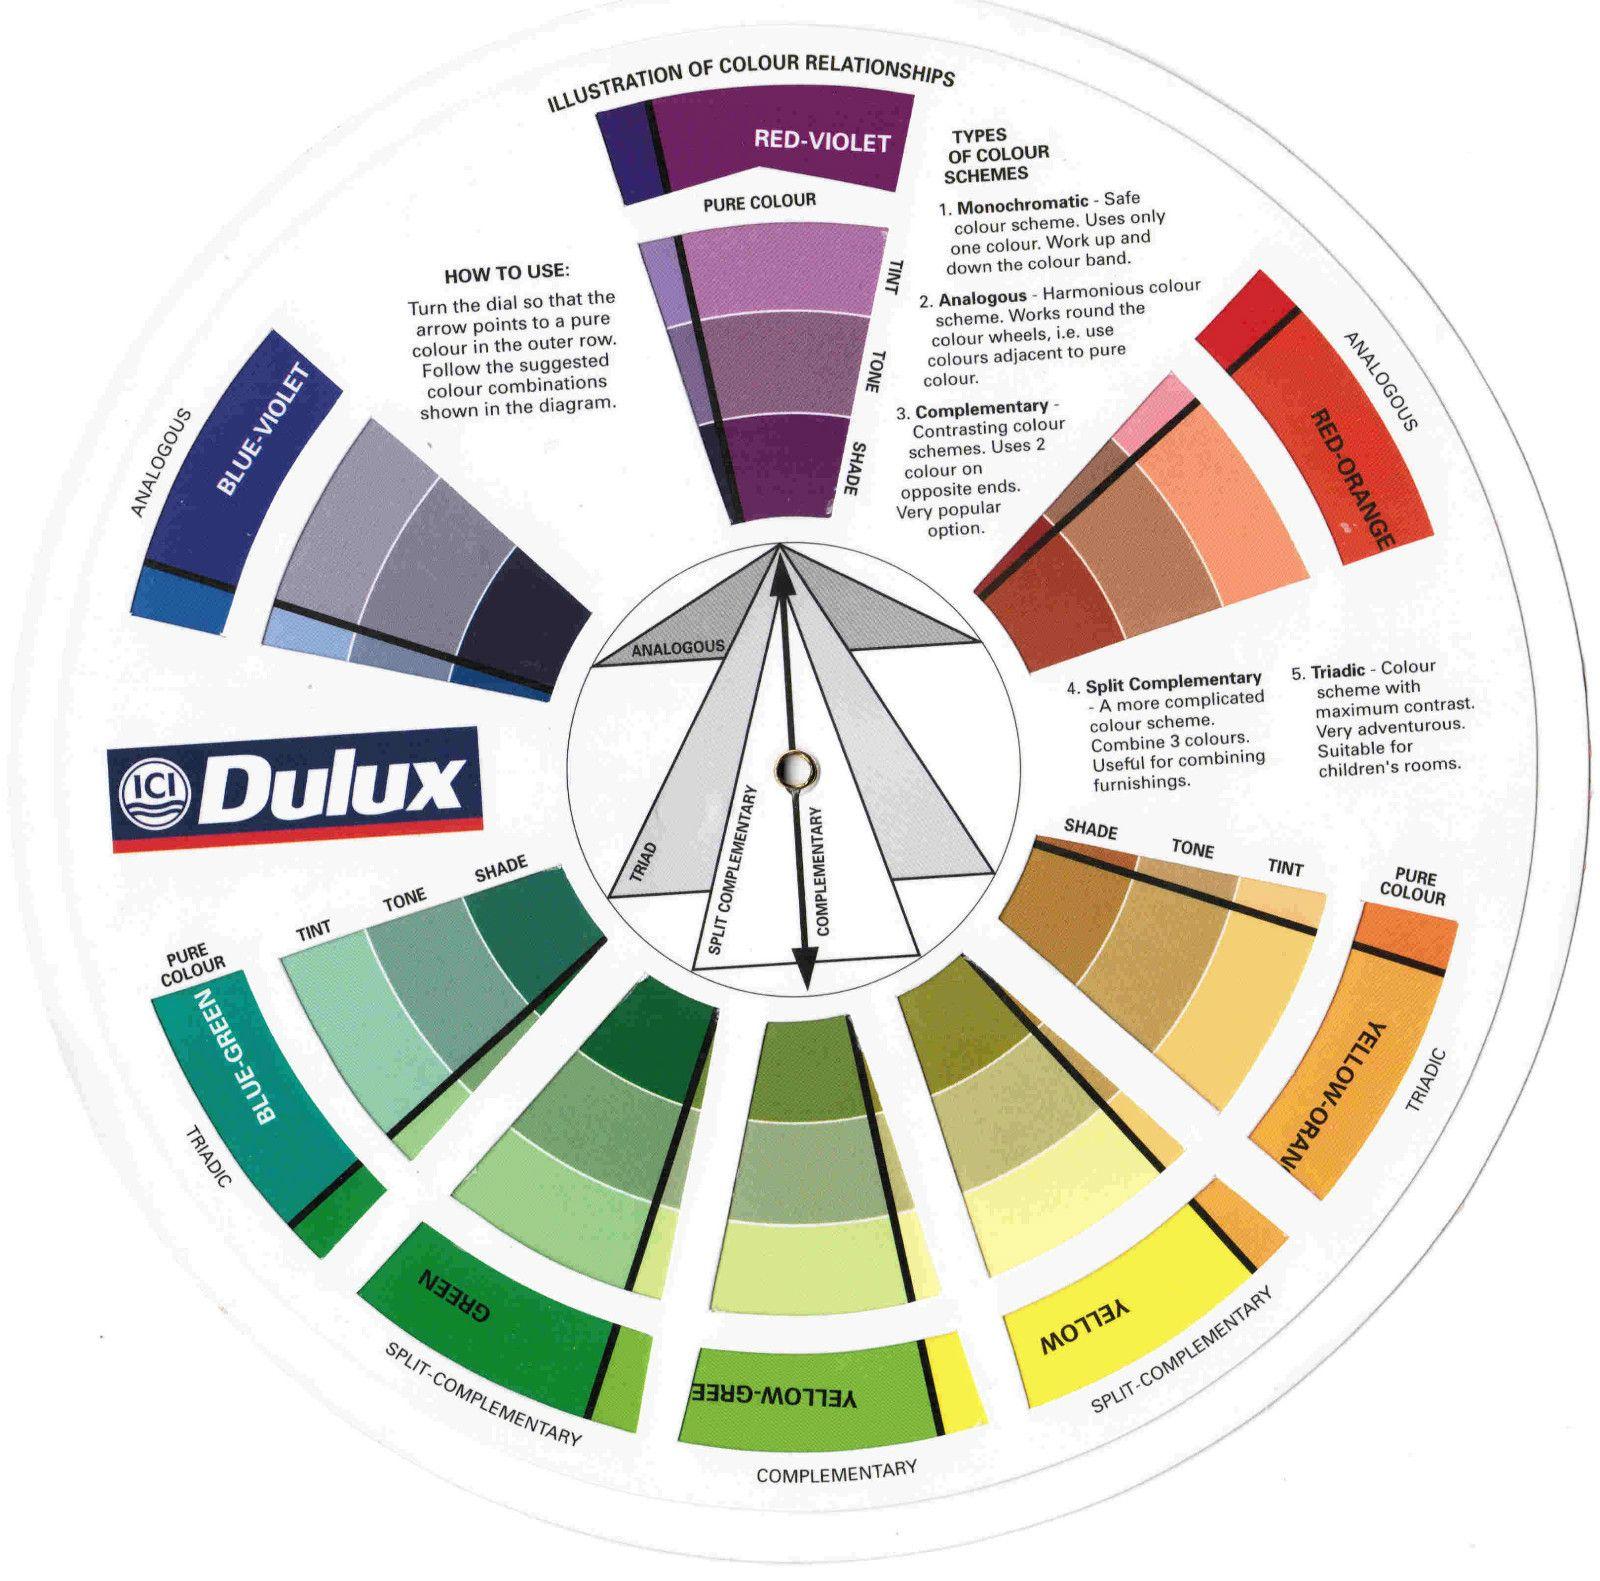 Ici dulux color wheeldulux paint colour chart also chartakzo nobel home rh pinterest